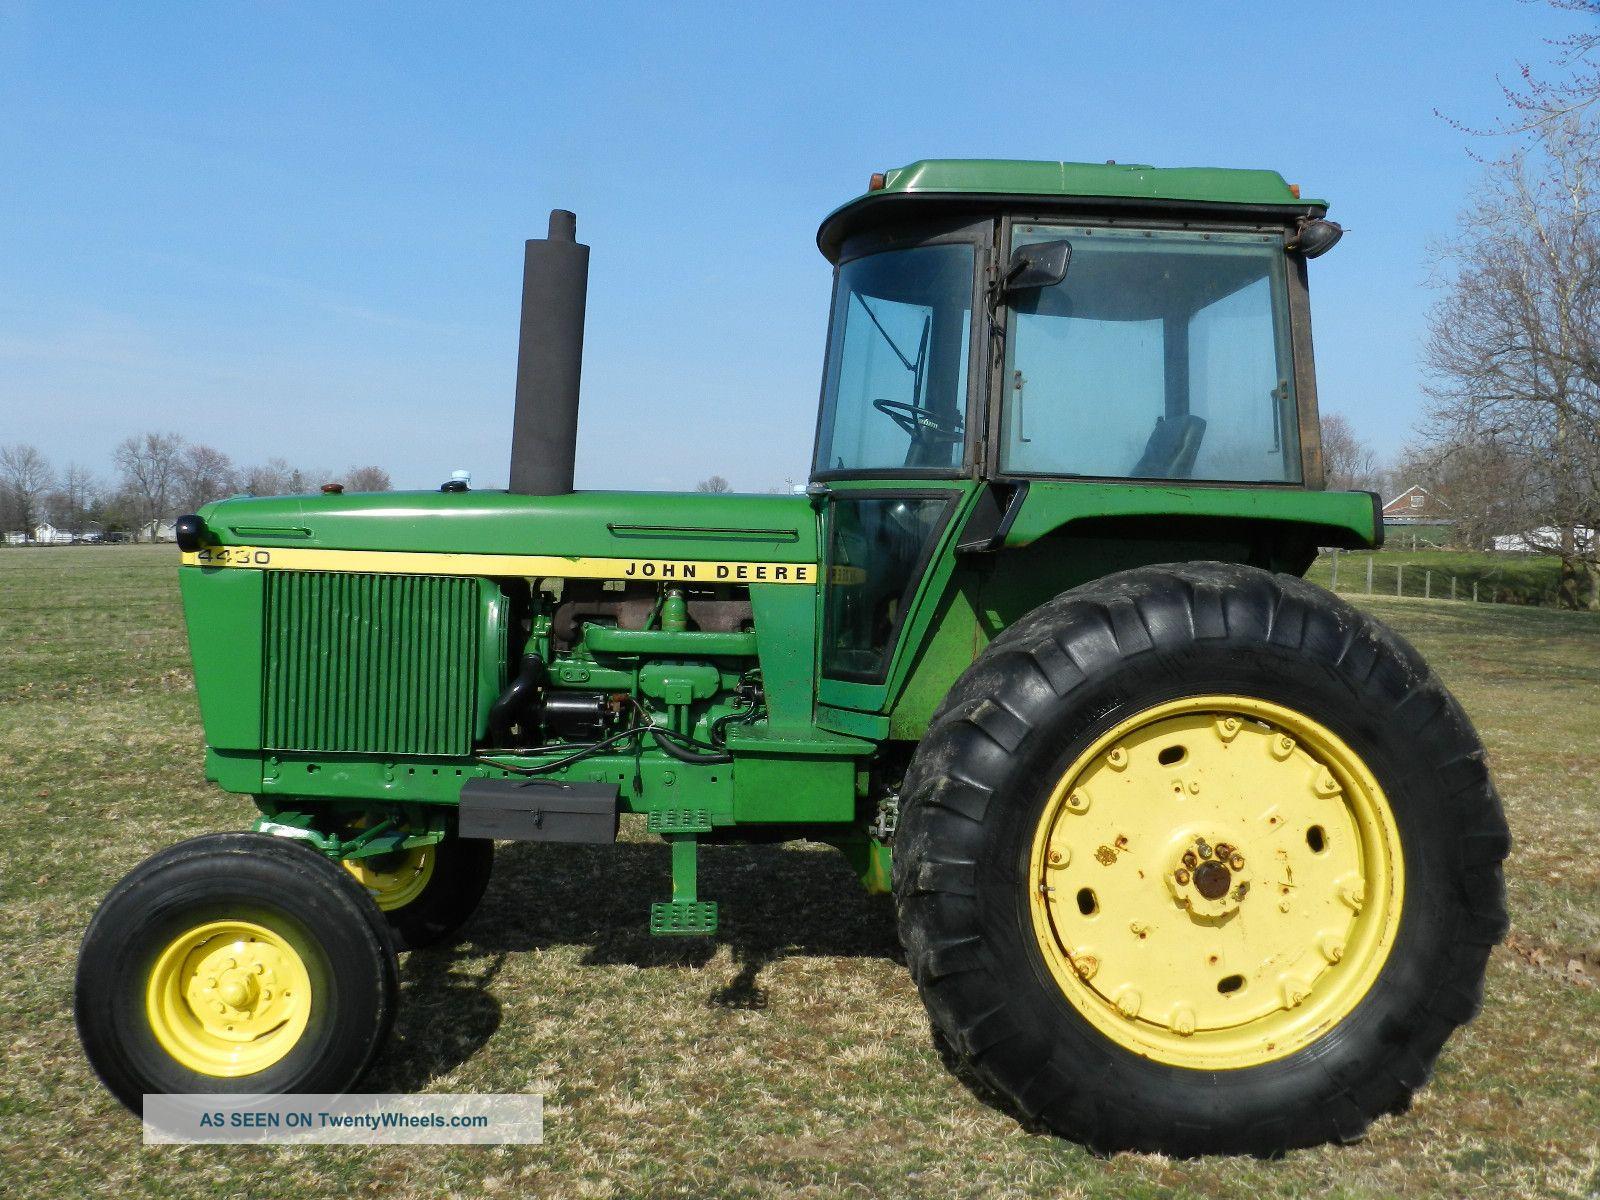 John Deere 4430 Tractor & Cab - Diesel